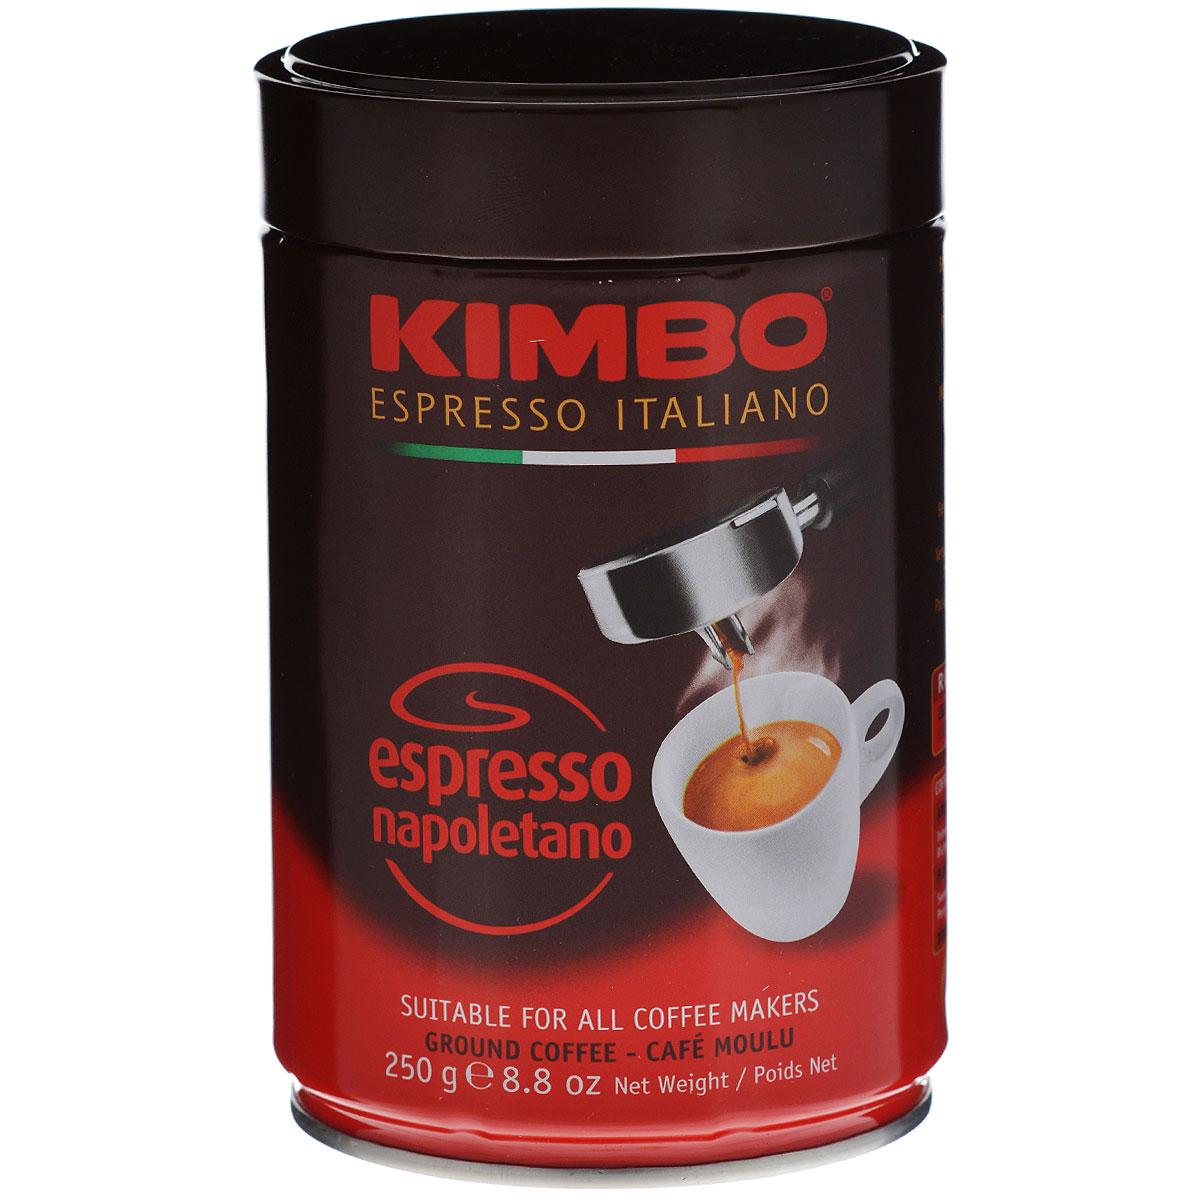 Kimbo Espresso Napoletano кофе молотый, 250 г (ж/б)8002200302412Натуральный жареный молотый кофе Kimbo Espresso Napoletano с интенсивным вкусом и богатым ароматом. Традиционная неаполитанская обжарка характеризуется густой пенкой. Идеально подходит для любителей крепкого эспрессо. Состав смеси: 90% арабика, 10% робуста.